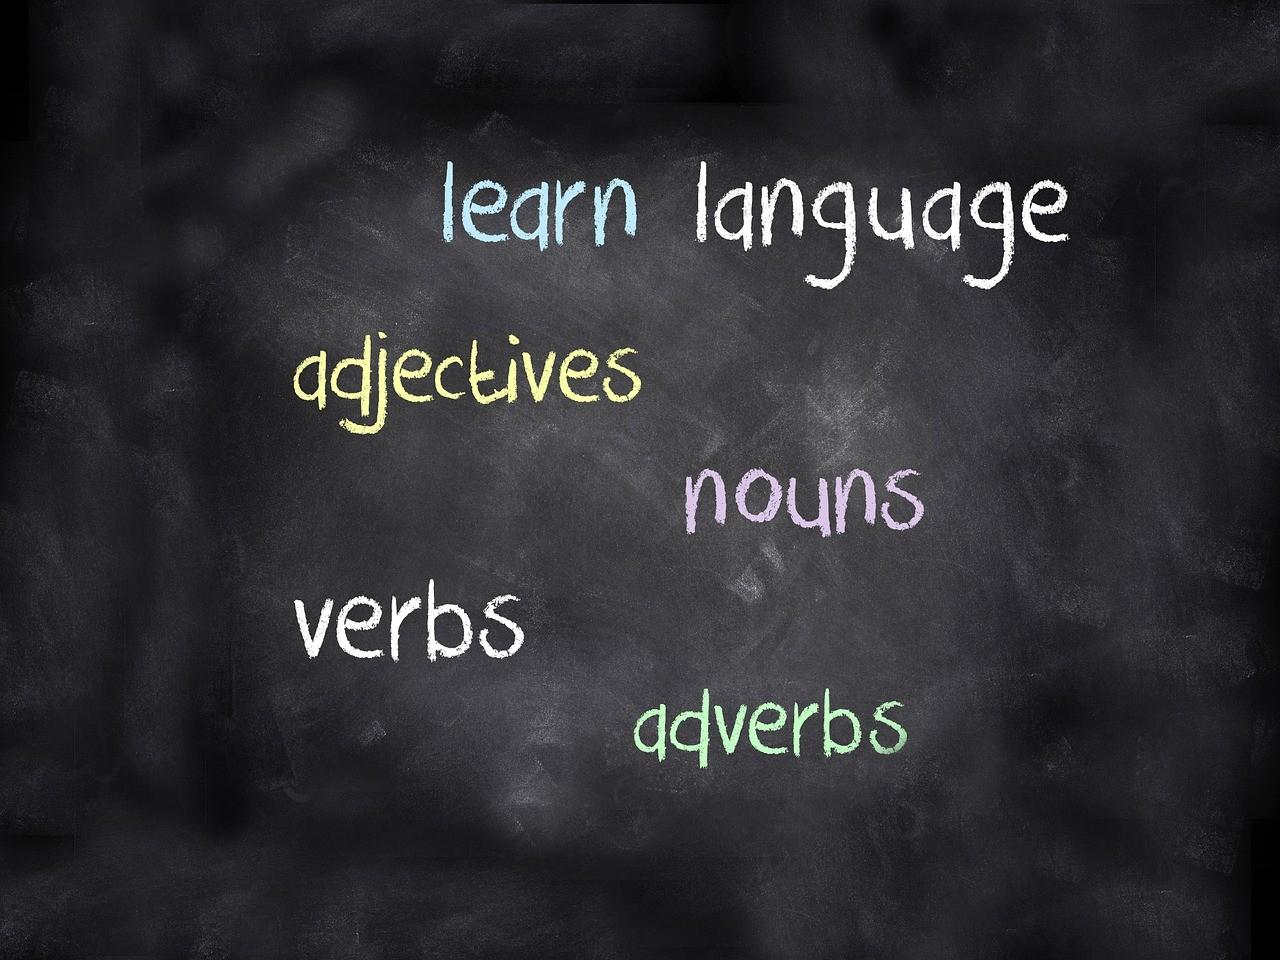 品詞の種類